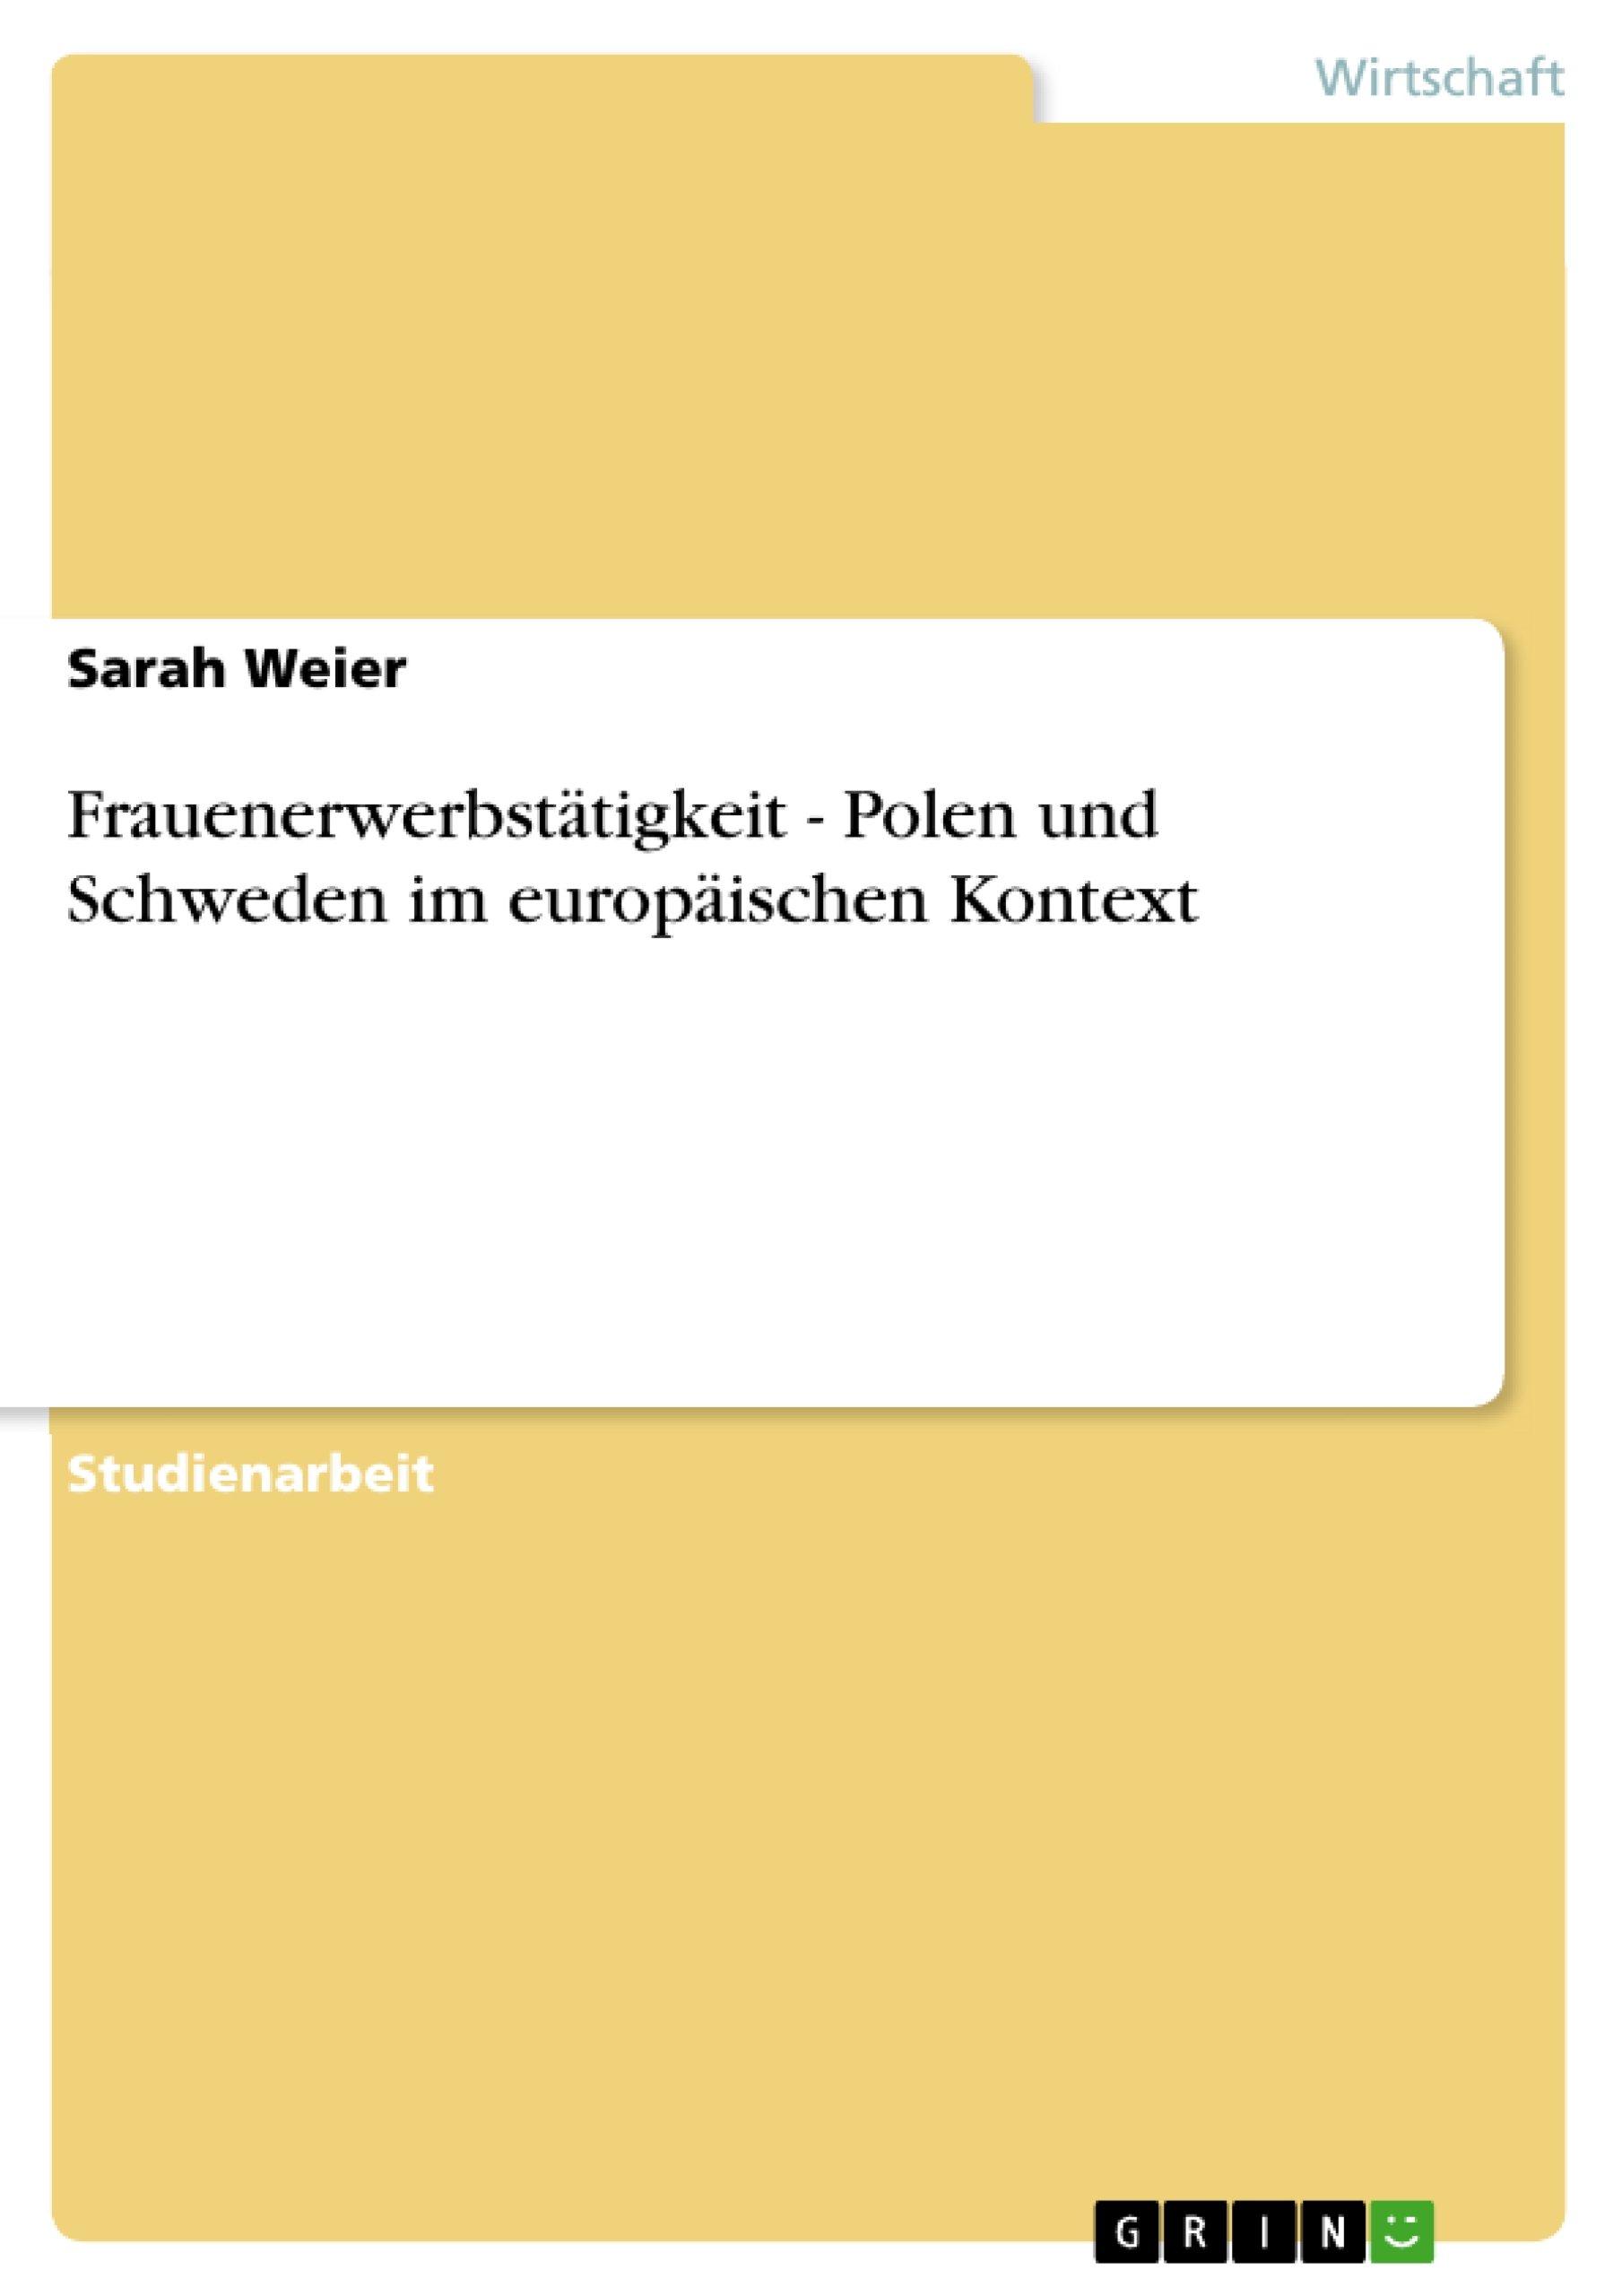 Frauenerwerbstätigkeit - Polen und Schweden im europäischen Kontext (German Edition)